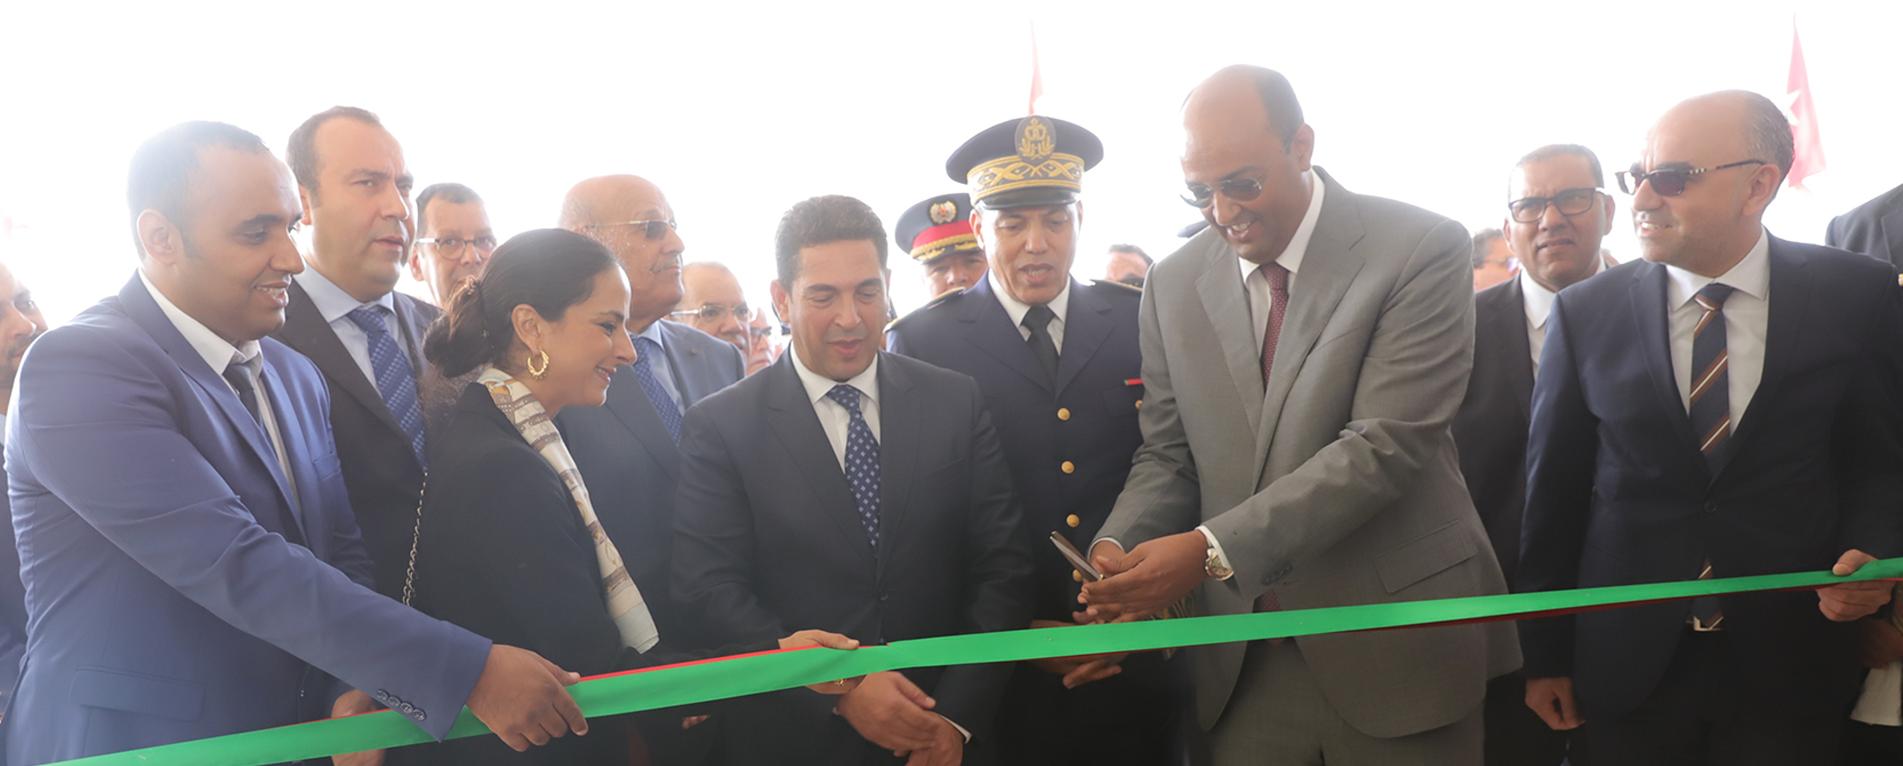 Inauguration de l'ISTA Al-Wahda à l'occasion de la célébration du 44ème anniversaire de la Marche verte